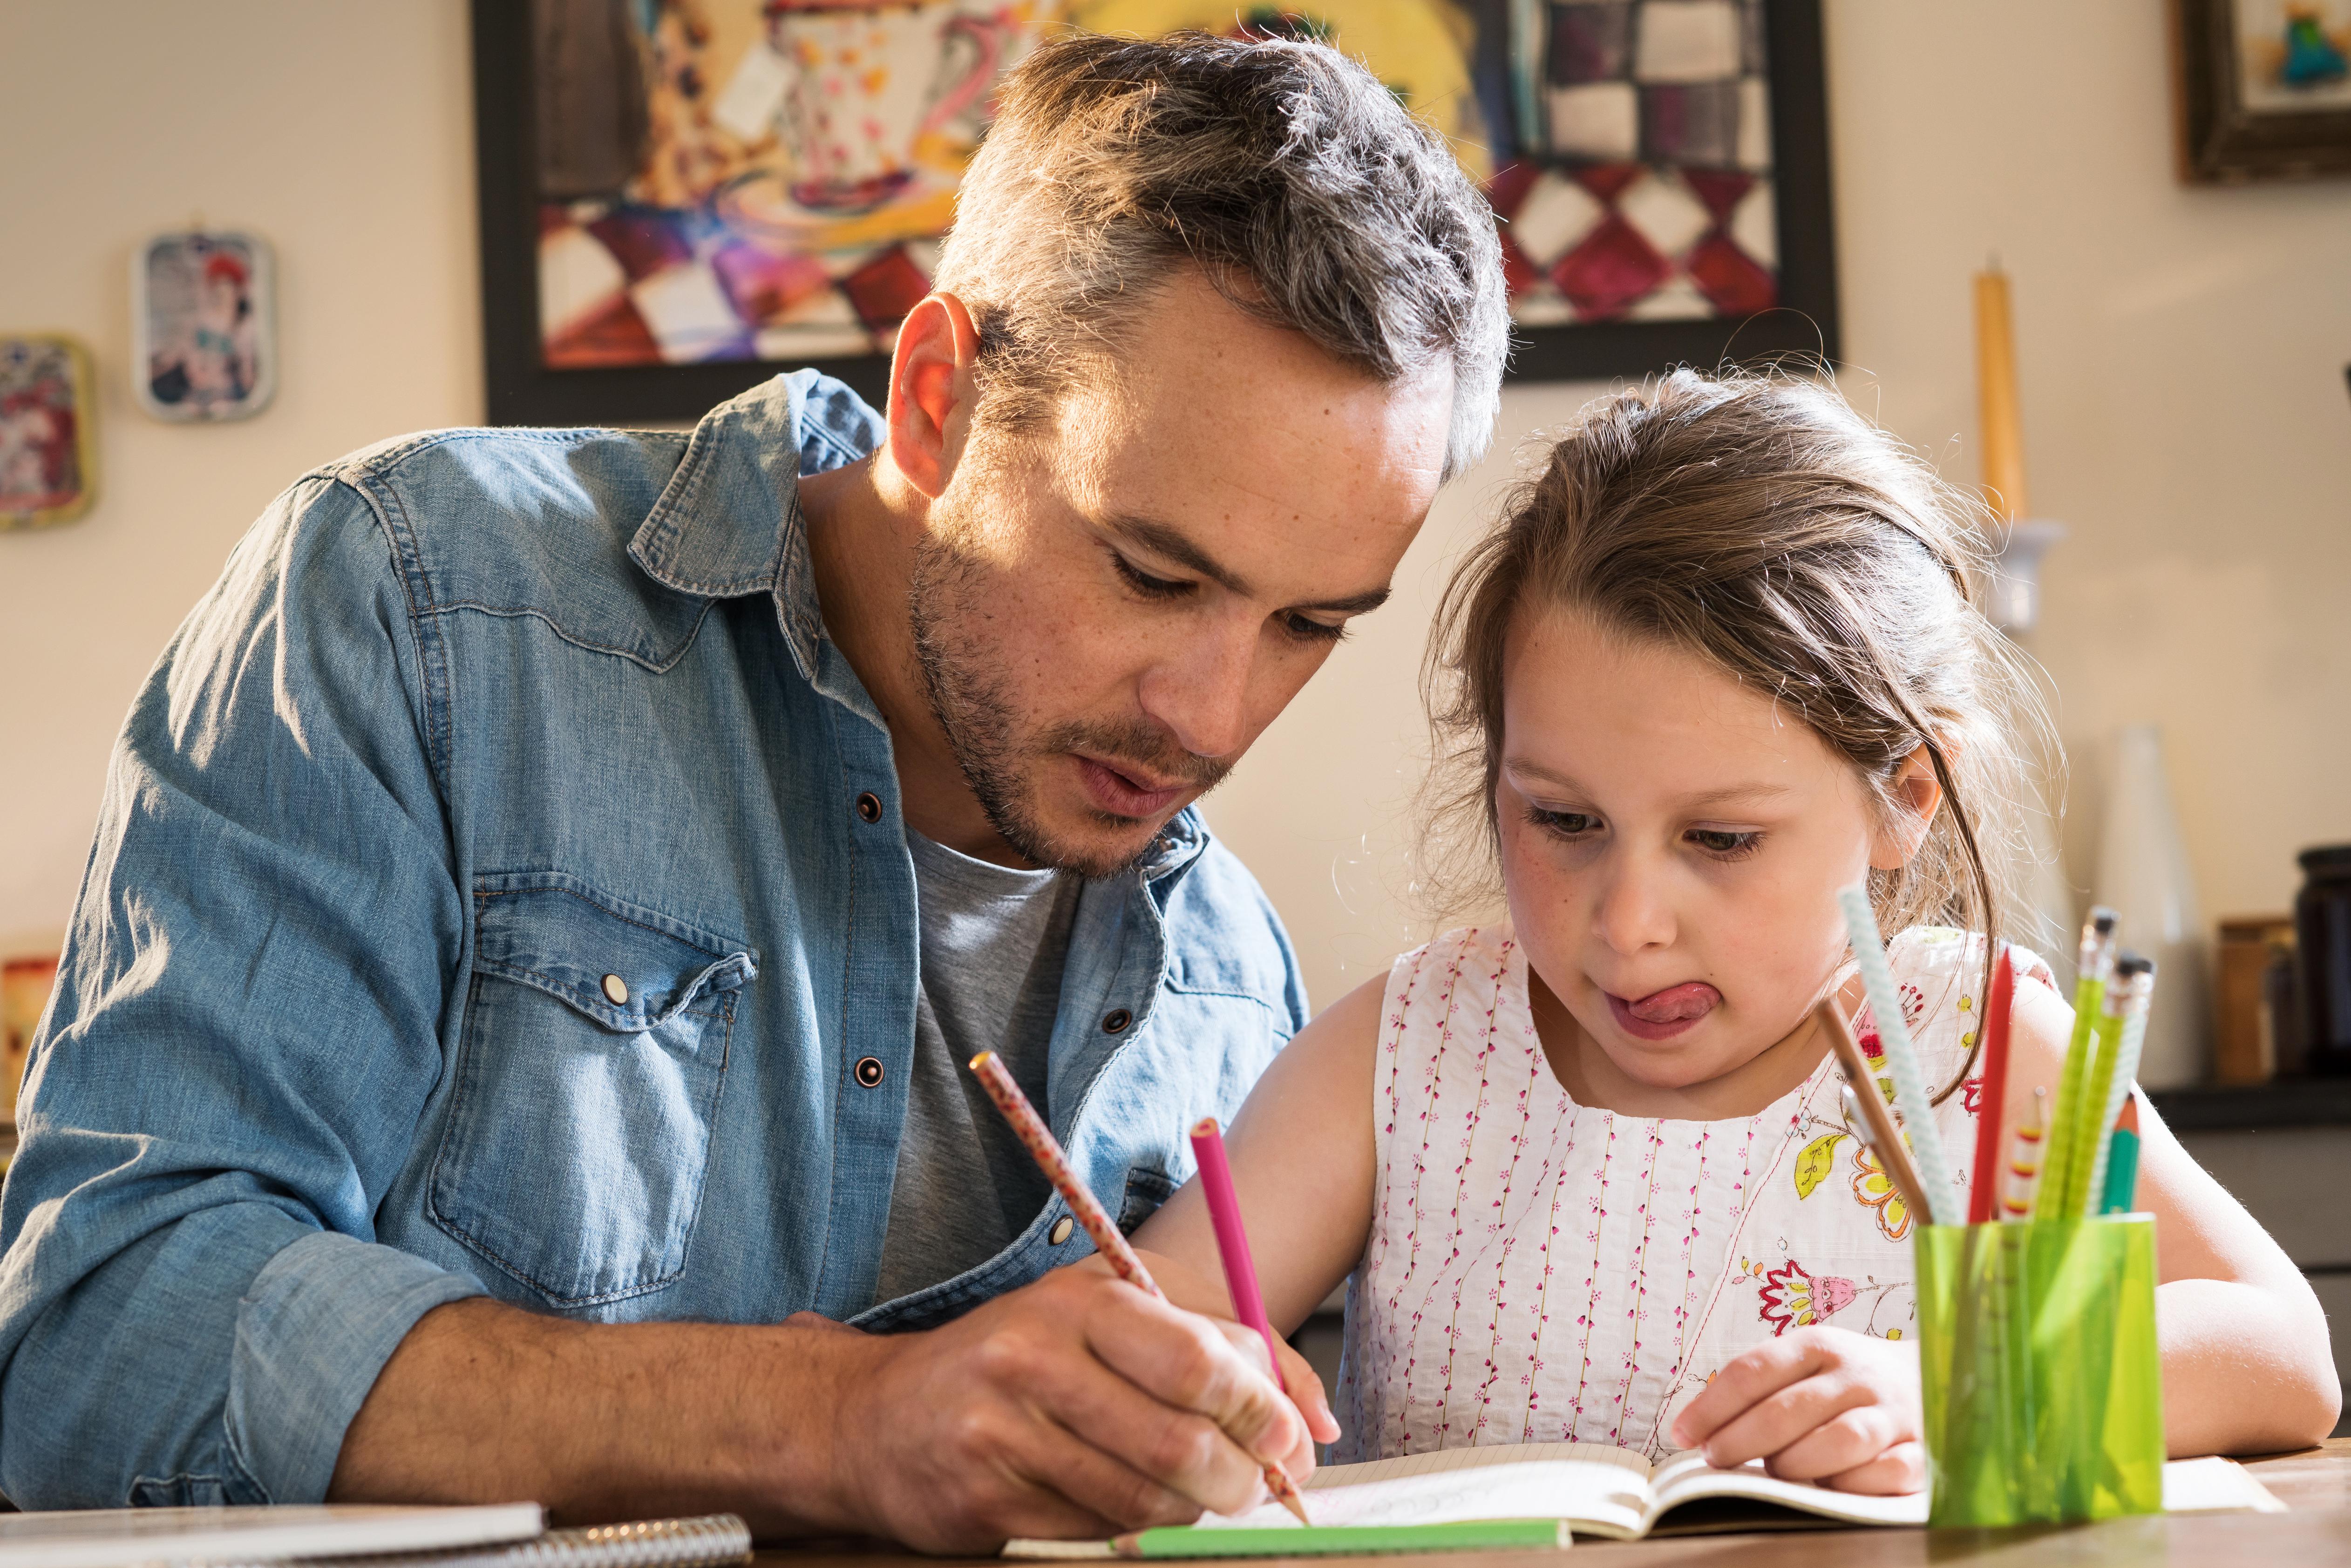 34 procent av singelföräldrarna upplever att en av fördelarna med att ha barnen varannan vecka är att de blir en mer närvarande förälder.